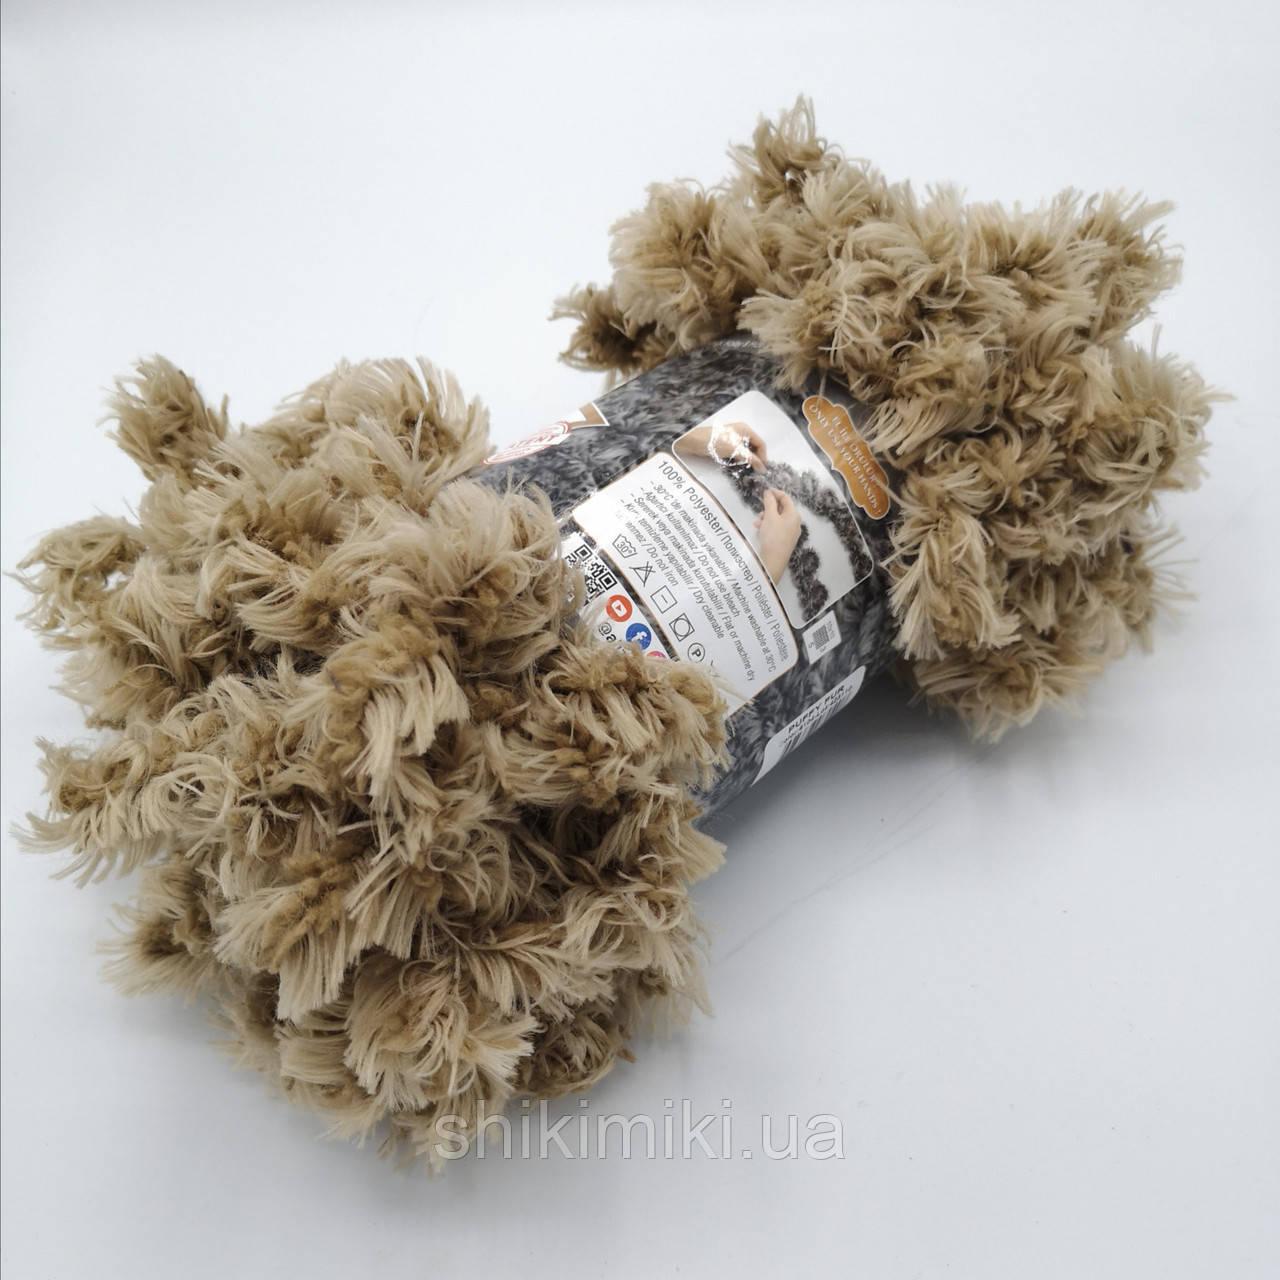 Фантазийная меховая пряжа Puffy Fur, цвет бежевый